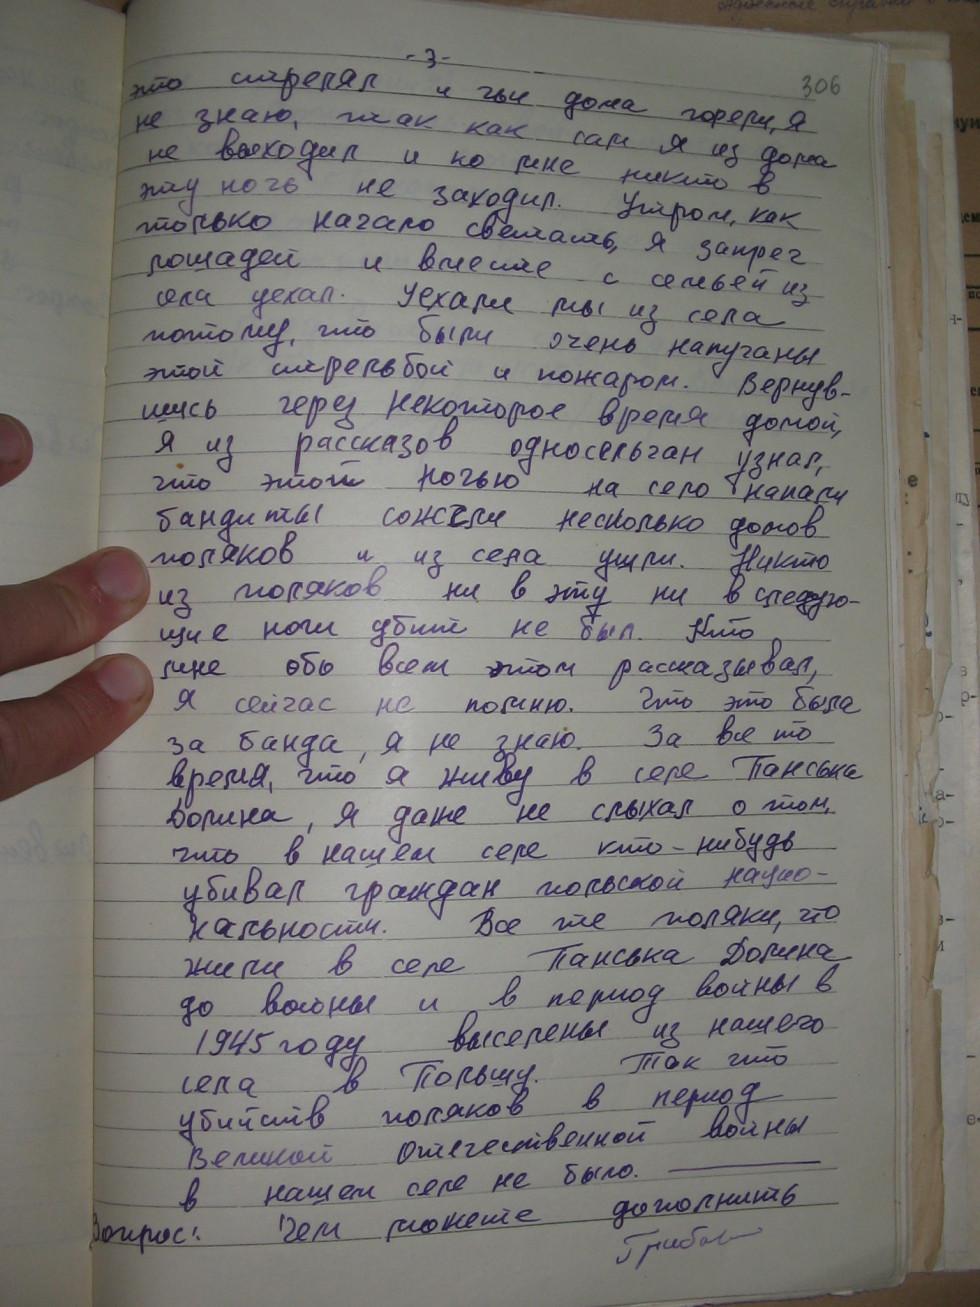 Панська Долина. Свідчення корінного мешканця села Мартина Грабовського